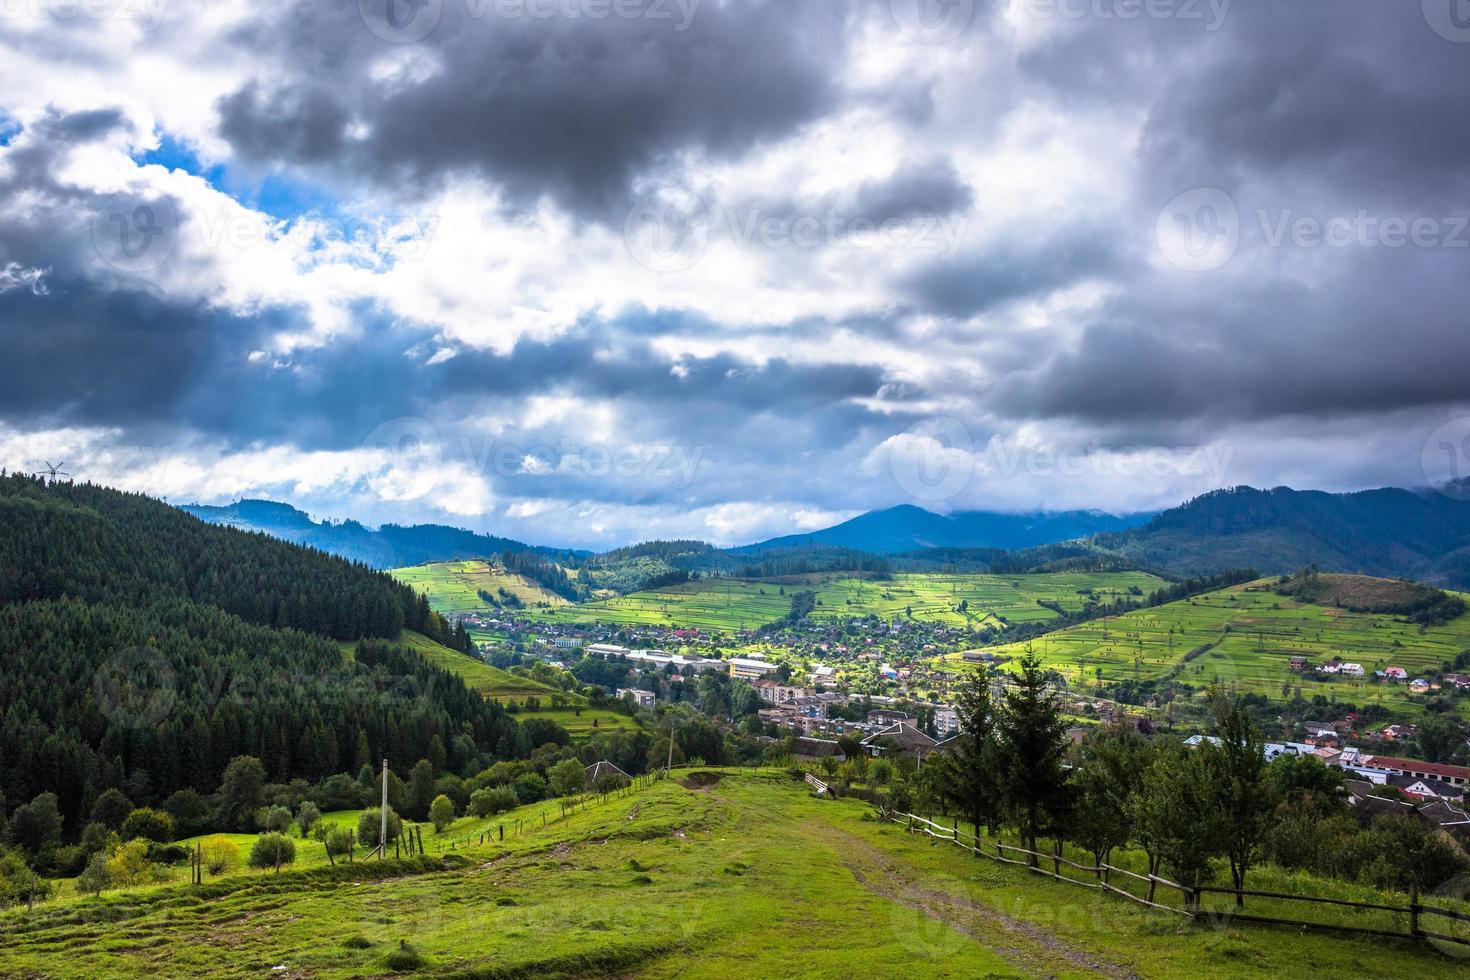 bergdorp boven bewolkte hemel foto